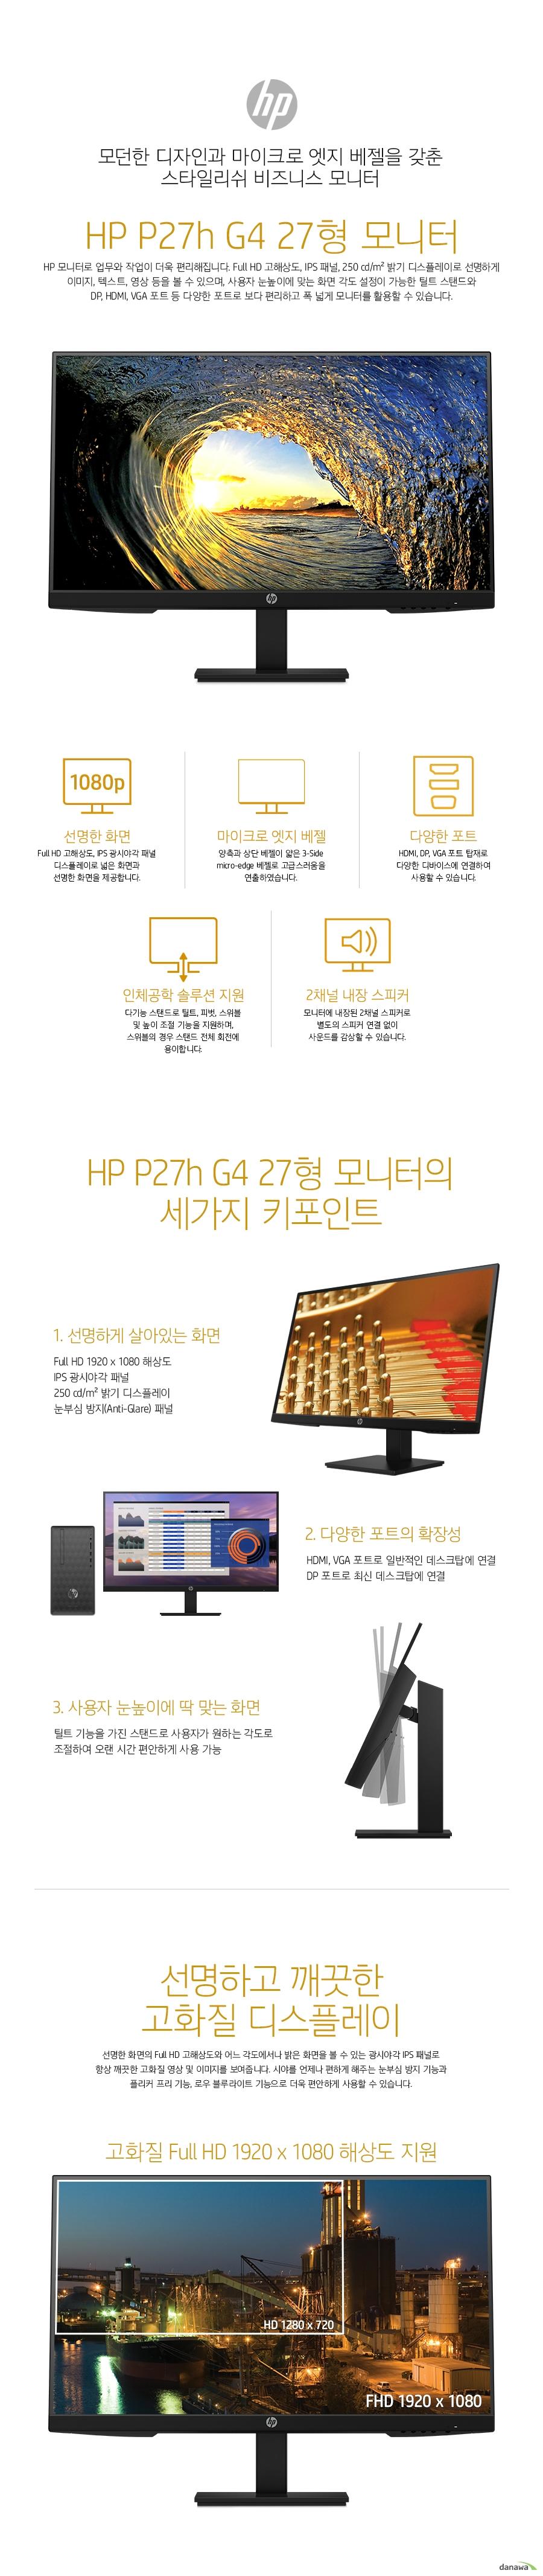 모던한 디자인과 마이크로 엣지 베젤을 갖춘 스타일리쉬 비즈니스 모니터  HP P27h G4 27형 모니터 HP 모니터로 업무와 작업이 더욱 편리해집니다. Full HD 고해상도, IPS 패널, 250 cd/m² 밝기 디스플레이로 선명하게 이미지, 텍스트, 영상 등을 볼 수 있으며, 사용자 눈높이에 맞는 화면 각도 설정이 가능한 틸트 스탠드와  DP, HDMI, VGA 포트 등 다양한 포트로 보다 편리하고 폭 넓게 모니터를 활용할 수 있습니다.   선명한 화면의 Full HD 고해상도와 어느 각도에서나 밝은 화면을 볼 수 있는 광시야각 IPS 패널로 항상 깨끗한 고화질 영상 및 이미지를 보여줍니다. 시야를 언제나 편하게 해주는 눈부심 방지 기능과 플리커 프리 기능, 로우 블루라이트 기능으로 더욱 편안하게 사용할 수 있습니다.     광시야각 IPS 패널을 적용하여, 어느 각도에서 모니터를 보아도 밝기, 컬러의 변함이 없이 동일한 화면을 볼 수 있습니다. 상하좌우 178도의 넓은 시야각으로 여러 사람이 동시에 화면을 봐야하는 사무실 업무 환경에서 매우 편리합니다.    눈부심 방지 디스플레이 (Anti-Glare) 적용으로 외부 빛의 반사를 줄였습니다. 화면 반사로 인한 눈의 피로감을 줄여주며 시야를 항상 편하게 해줍니다.   필요에 따라 ON / OFF 할 수 있는 로우 블루라이트 모드를 지원합니다. 눈 건강에 해로운 청색광을 줄여 시력을 보호해줍니다.  트리플 사이드 마이크로 엣지 베젤 디자인으로 양측과 상단 베젤 넓이를 줄여 세련됨과 고급스러움을 연출하였습니다.  모니터에 내장된 2채널 스피커로 별도의 스피커 연결 없이 사운드를 감상할 수 있습니다.   스탠드의 틸트, 피벗, 스위블, 높이조절 기능을 사용하세요. 화면의 각도를 사용자가 원하는대로  자유롭게 조절하여 오랜 시간 동안 불편함 없이 사용할 수 있습니다.    데스크탑에 보편적으로 사용되는 DP, HDMI, VGA 포트가 탑재되어 있어 대부분의 데스크탑에 연결하여 사용할 수 있고, 음성, 영상을 모두 전송하기에 다양한 멀티미디어 장비에 활용 가능합니다.  1,000:1의 높은 명암비(동적명암비 8,000,000:1)로 화면의 밝은 부분은 더욱 밝게, 어두운 부분은 더욱 어둡게 표현하여, 이미지와 영상의 품질을 높여줍니다.   5ms의 빠른 응답속도로 스포츠 등 빠르게 움직이는 화면도 잔상 없이 또렷하게 구현합니다.   100mm VESA 설치 옵션으로 벽에 걸어 설치하거나, 모니터 암을 이용하여 책상 공간을 더욱 넓게 확보할 수 있습니다.